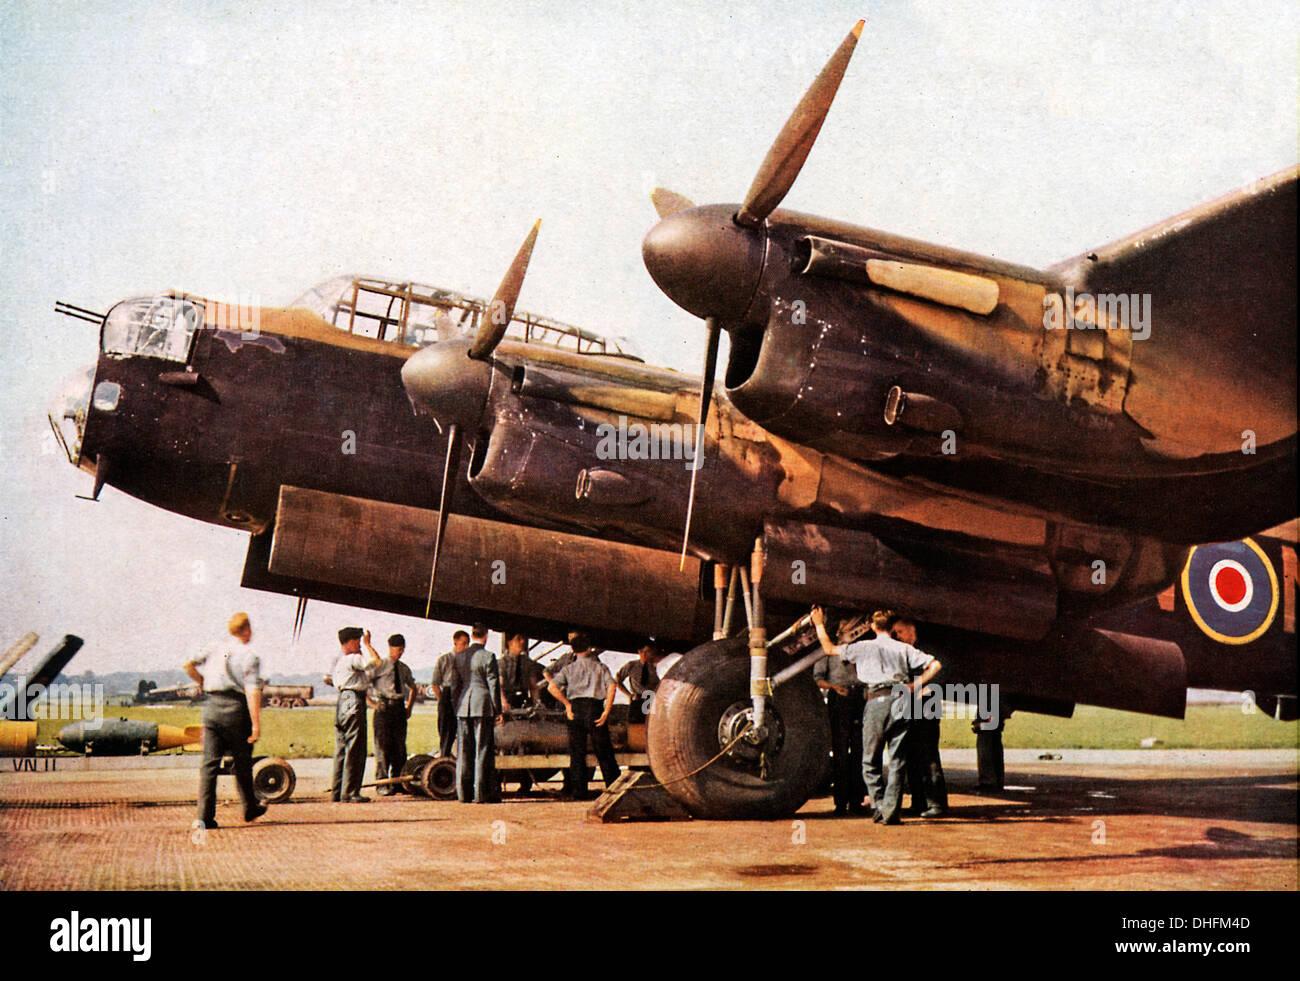 Laden ein Lancaster-Bomber, Farbfoto 1942 von der ikonischen RAF schwere Bomber bombardieren Sie vor einem Überfall Stockfoto